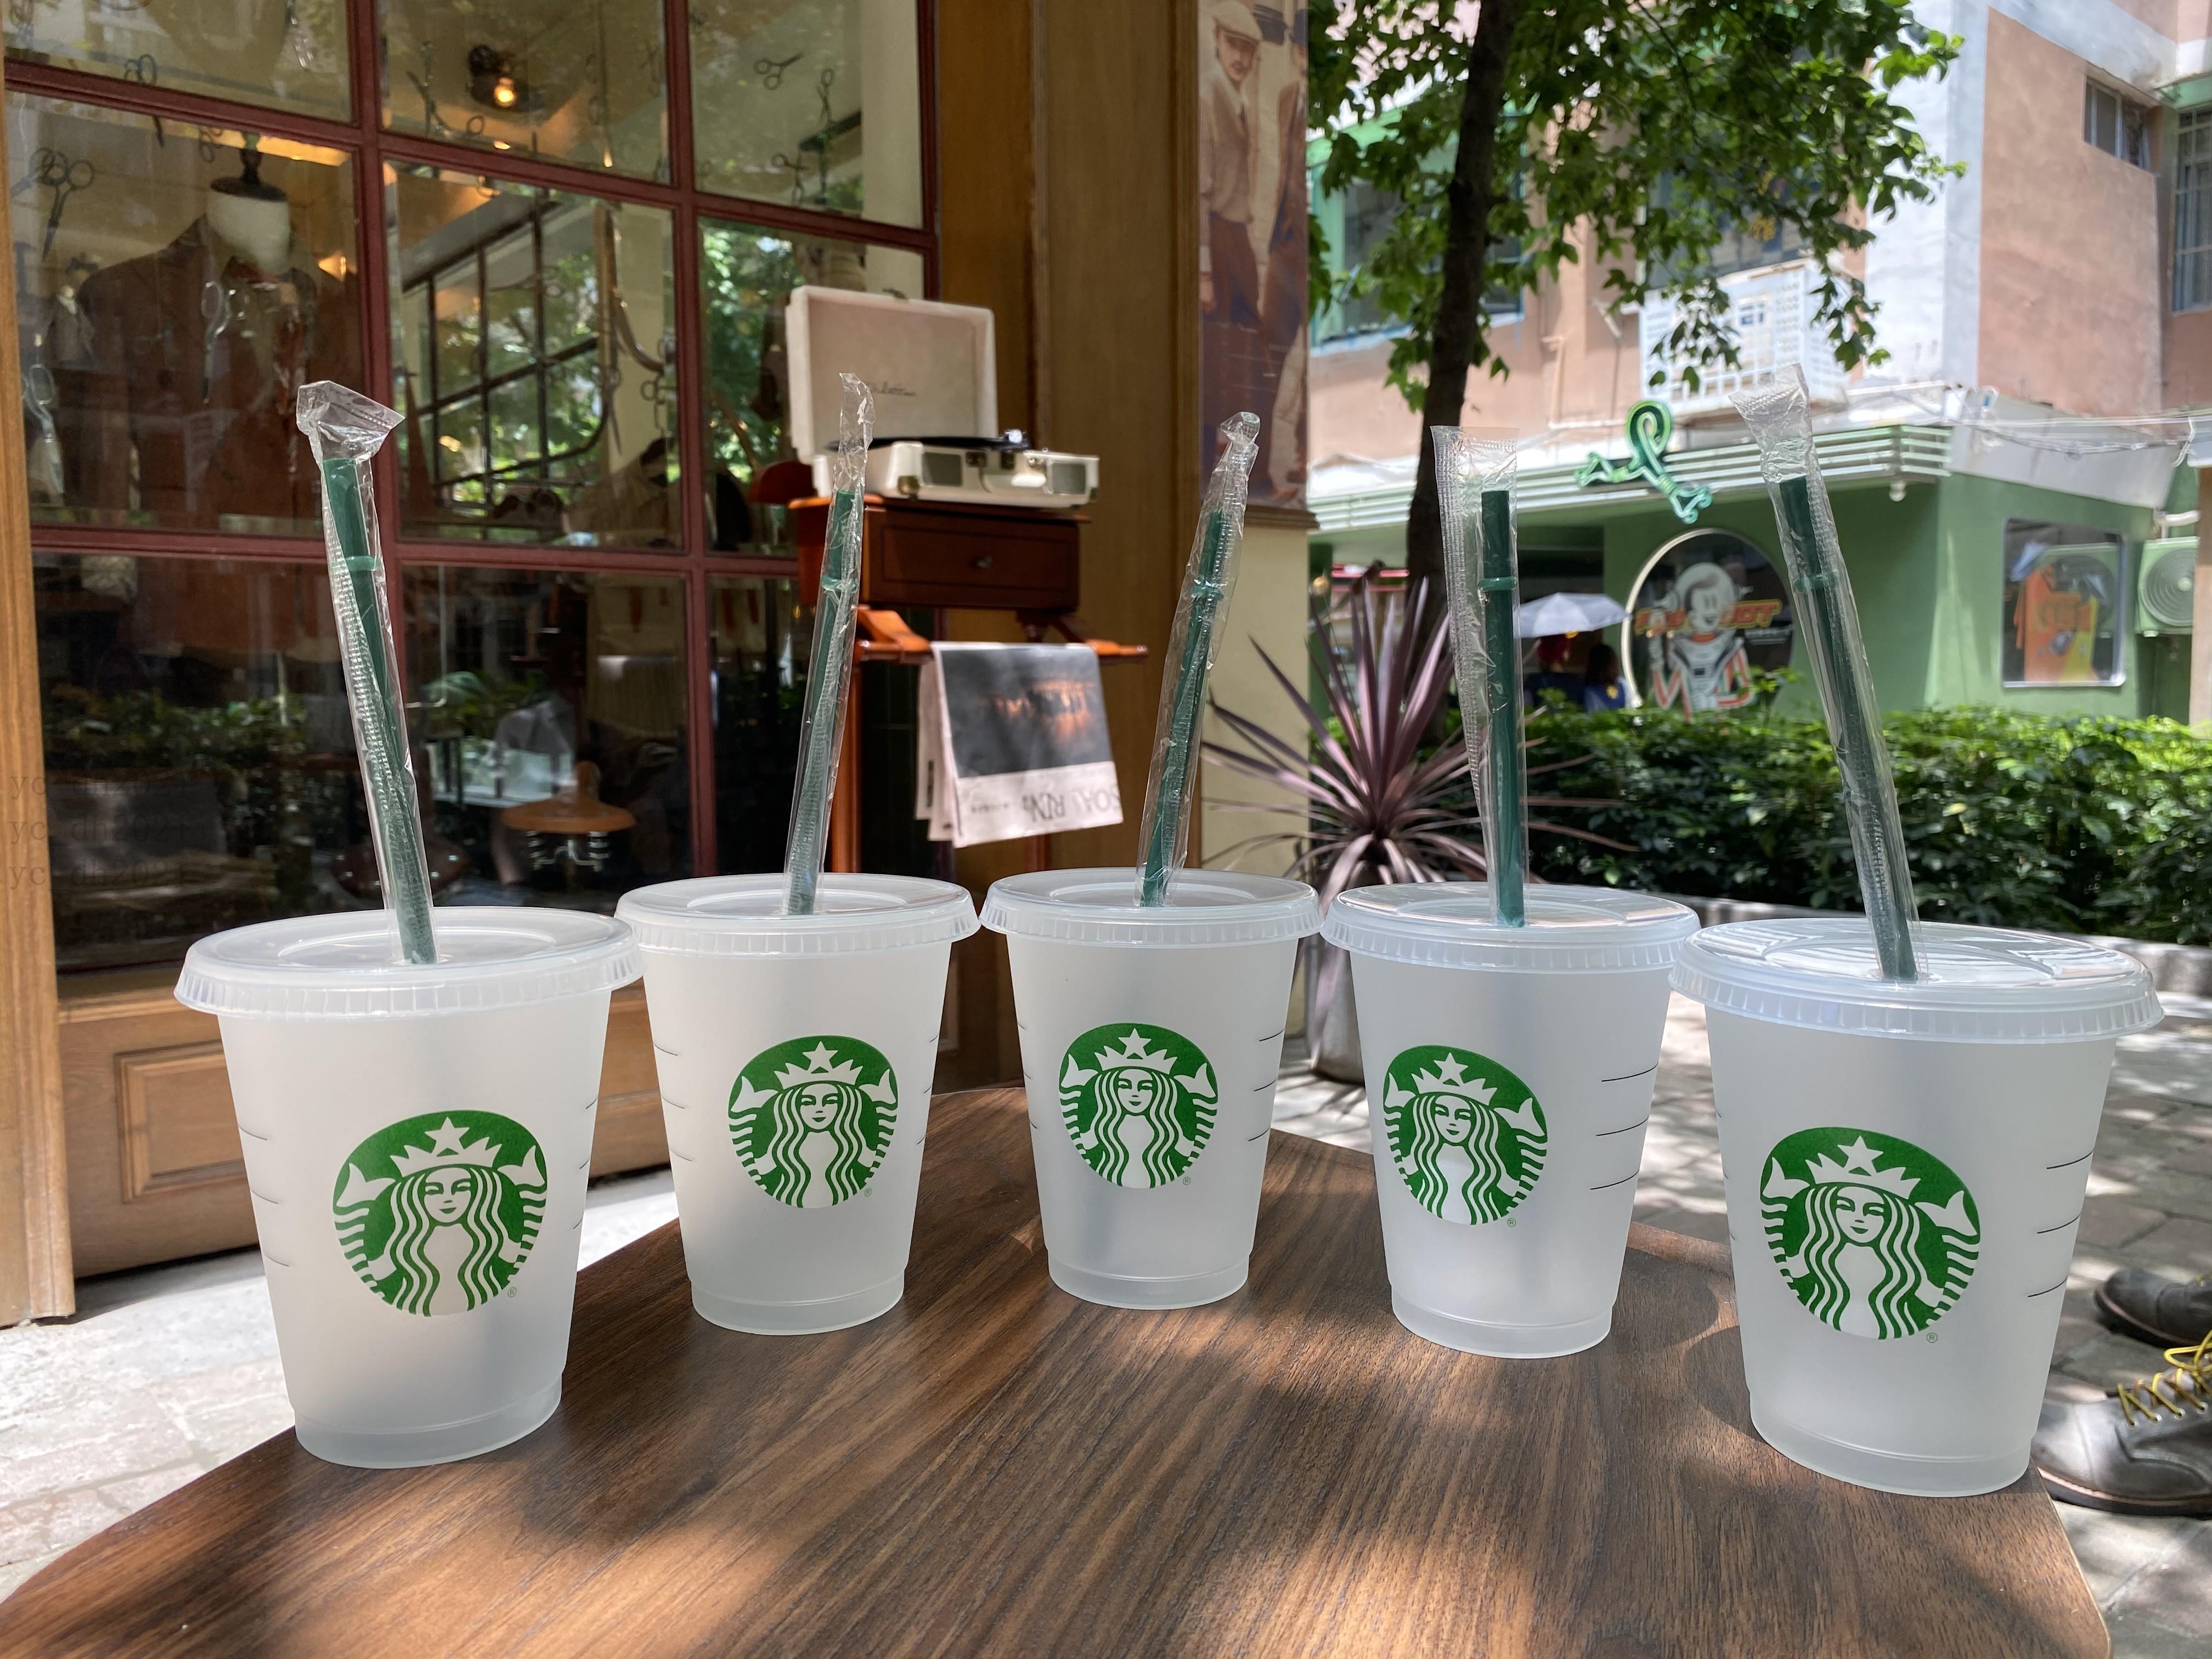 ستاربكس 16 أوقية / 473ML البلاستيك بهلوان قابلة لإعادة الاستخدام شرب شرب مسطح أسفل كأس عمود شكل غطاء أكواب القش